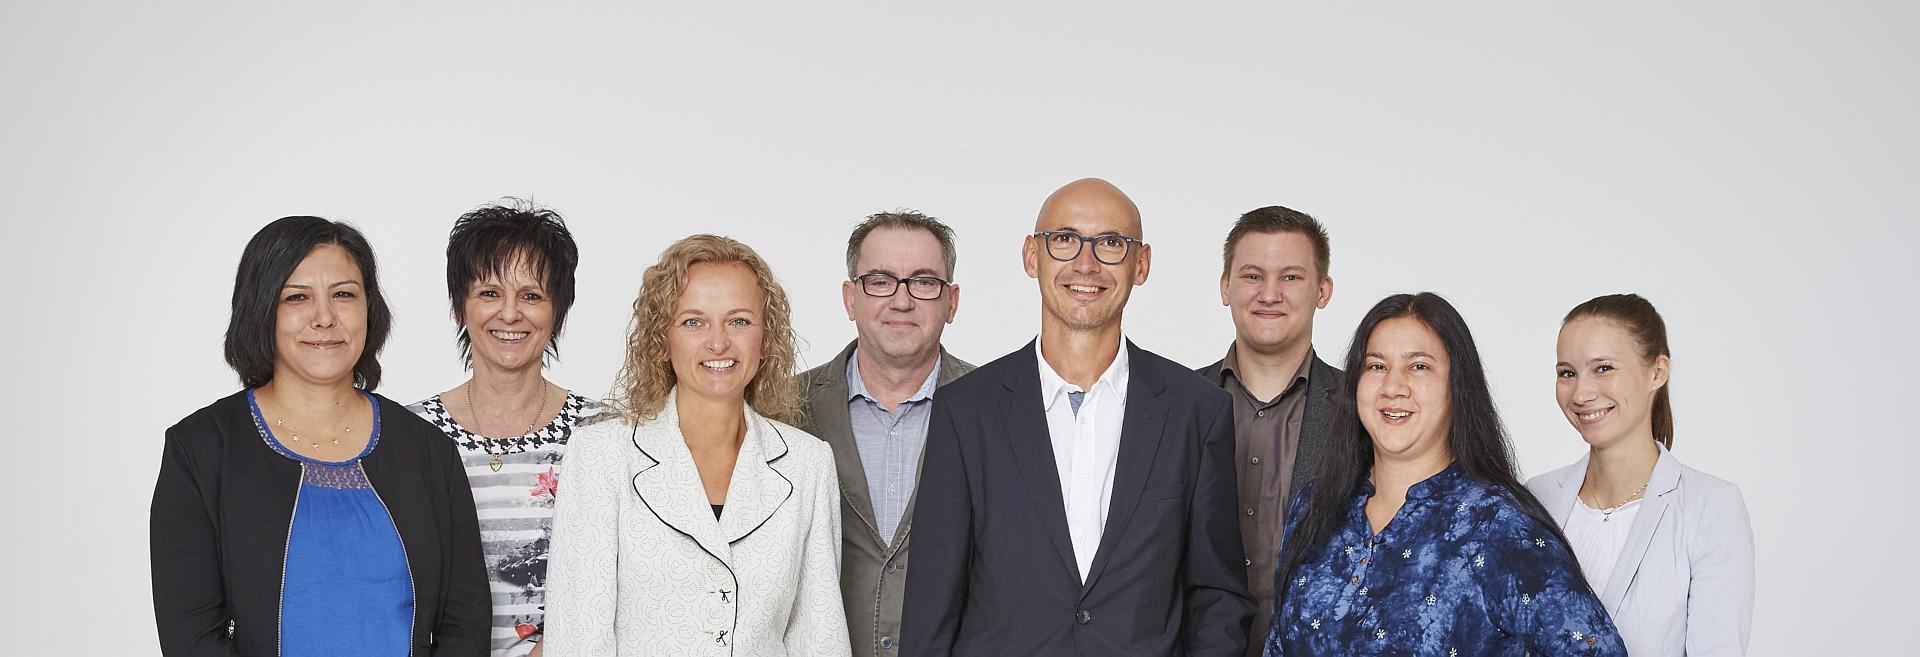 Brenner team